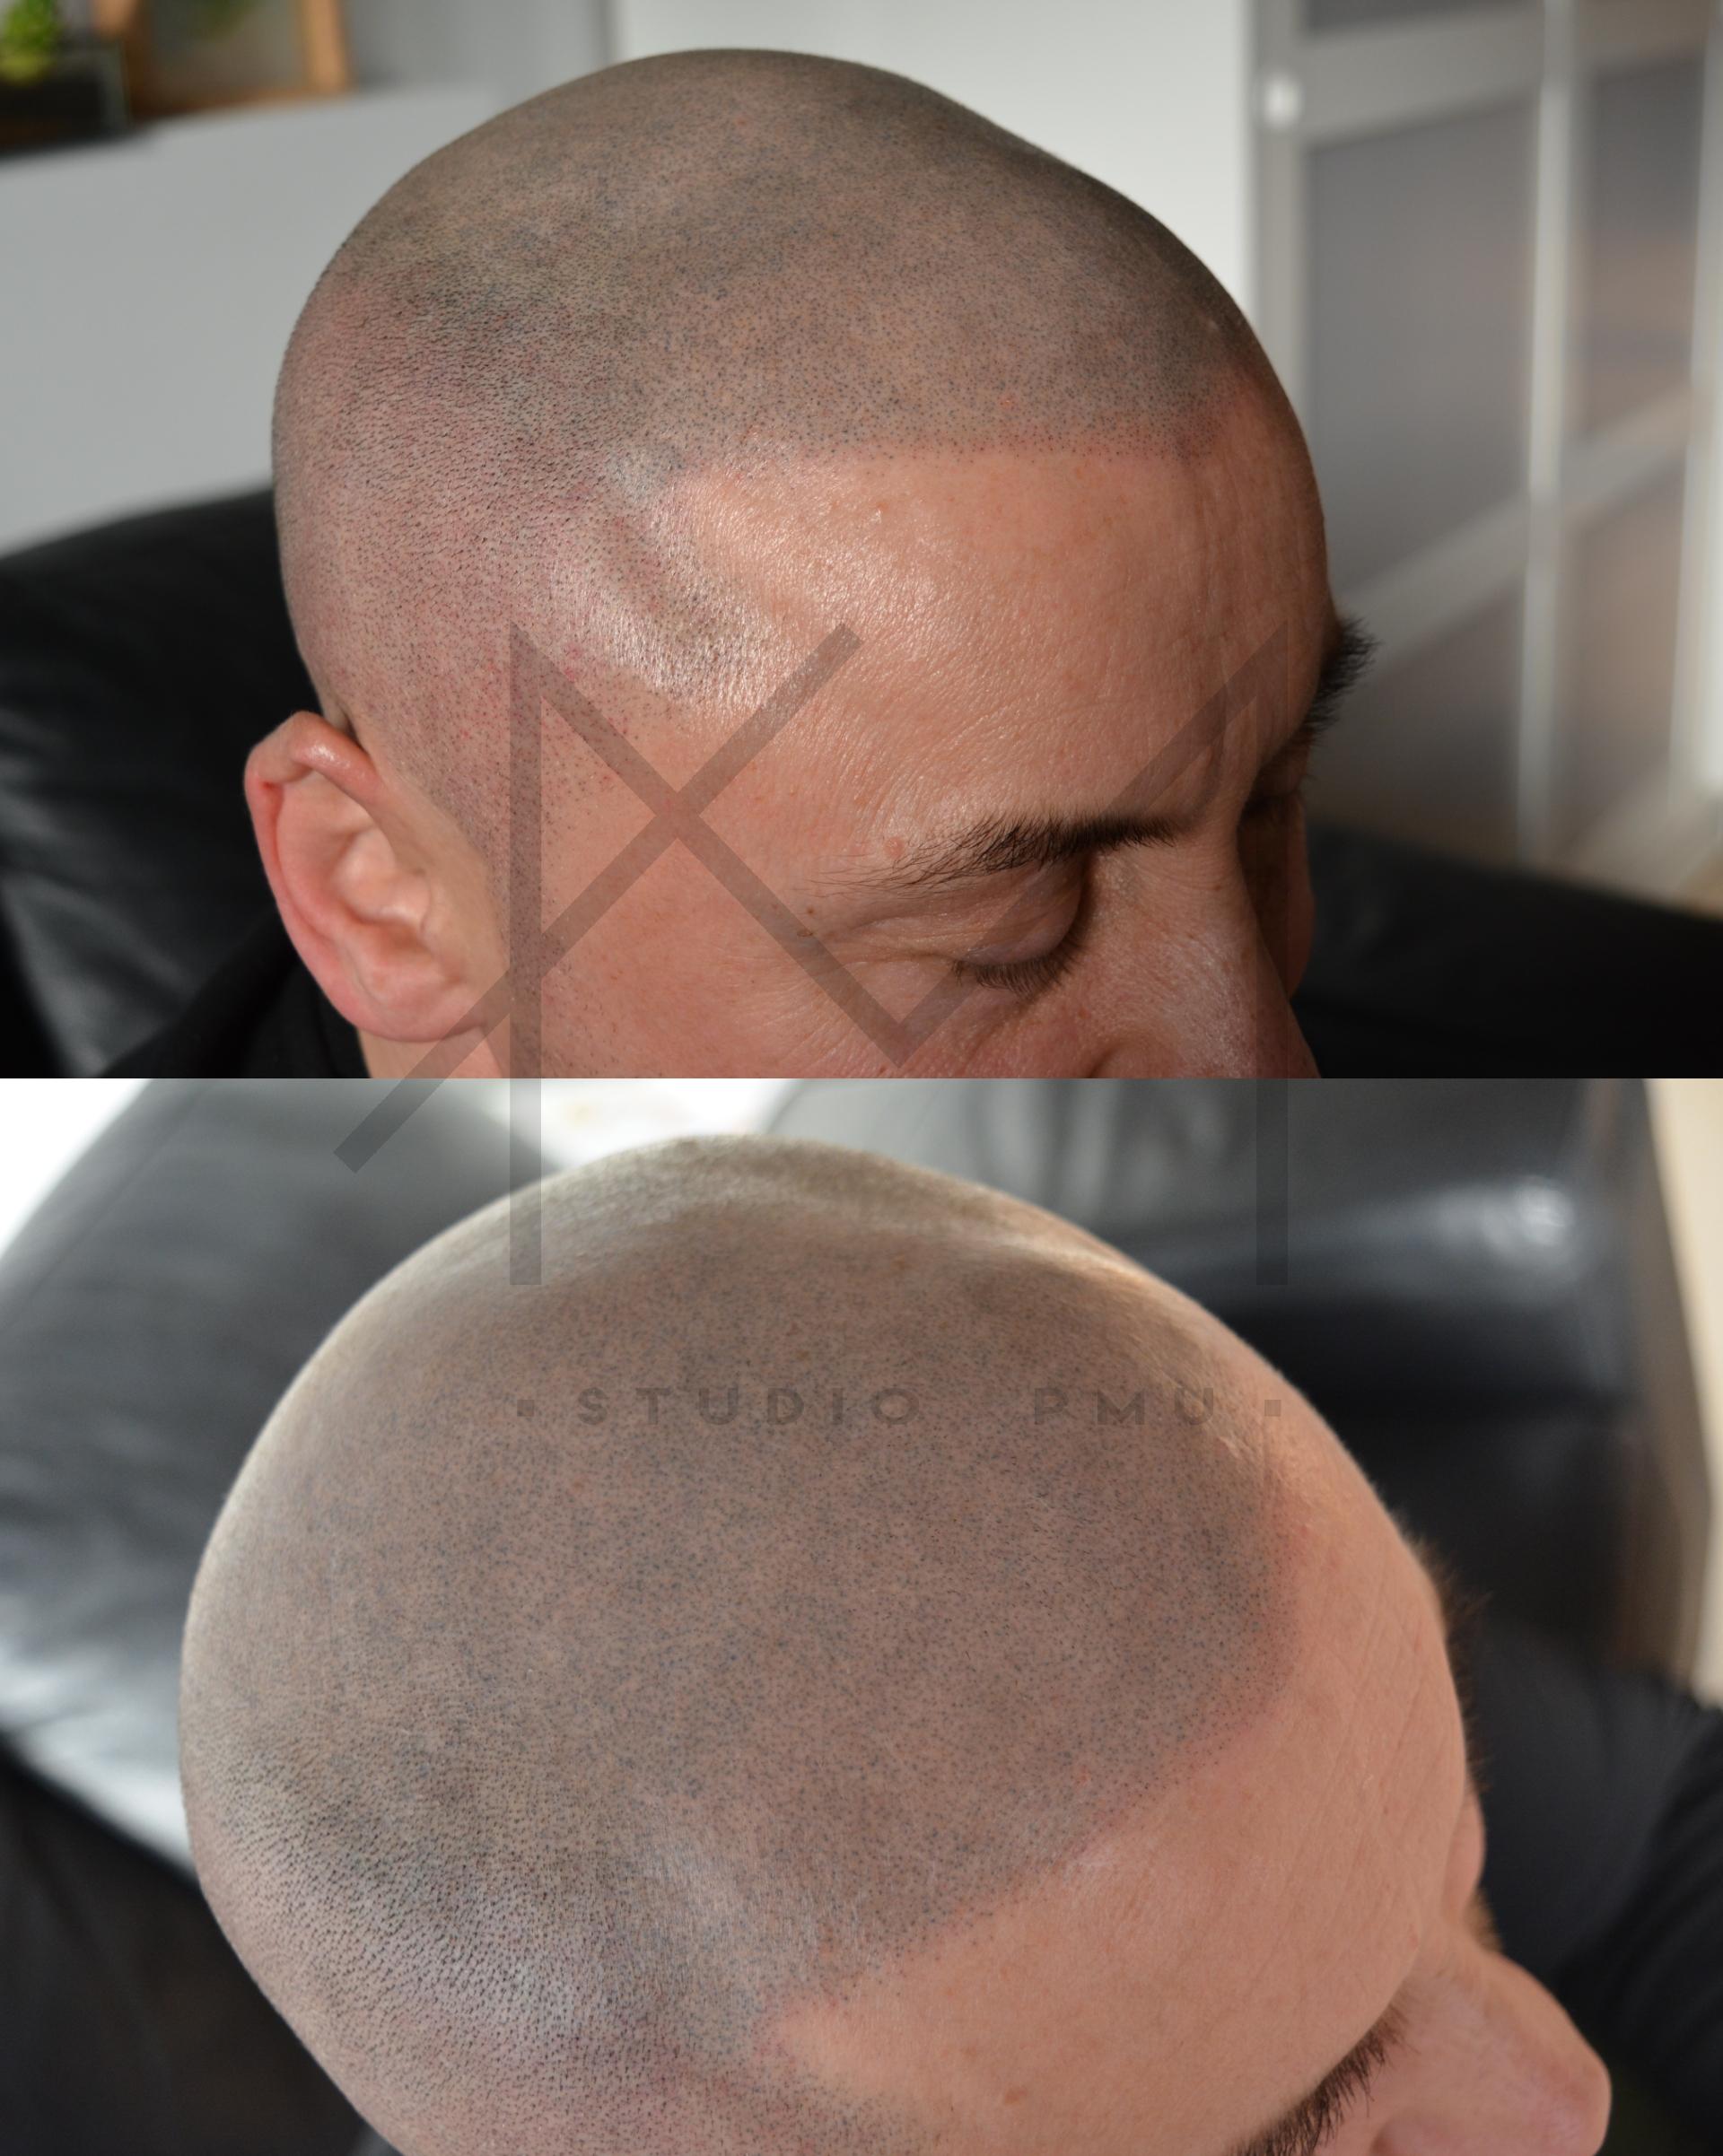 głowa po zabiegu mikropigmentacji